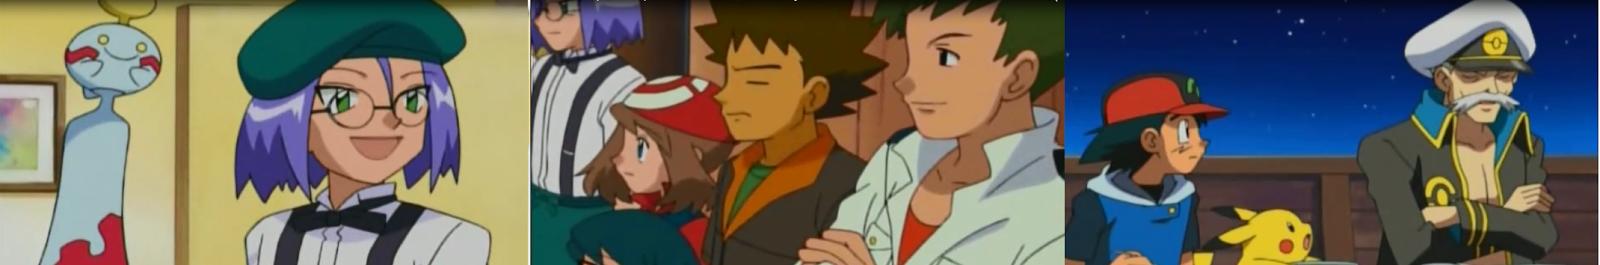 Pokémon -  Capítulo 9 - Temporada 8 - Audio Latino